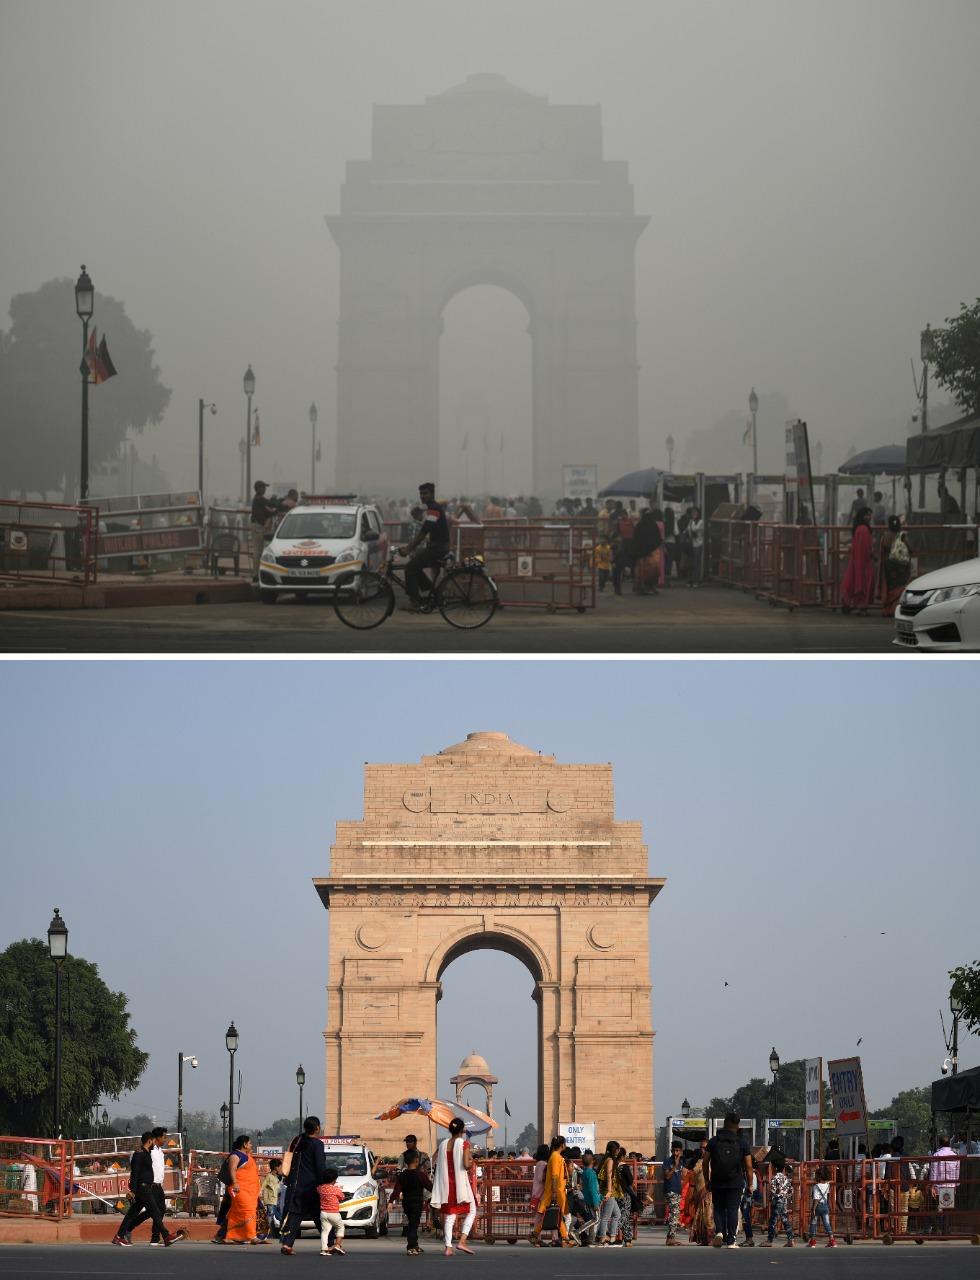 Esta imagen muestra la contaminación sufrida hace un par de días en comparación a este martes. Sin embargo el aire sigue viciado.